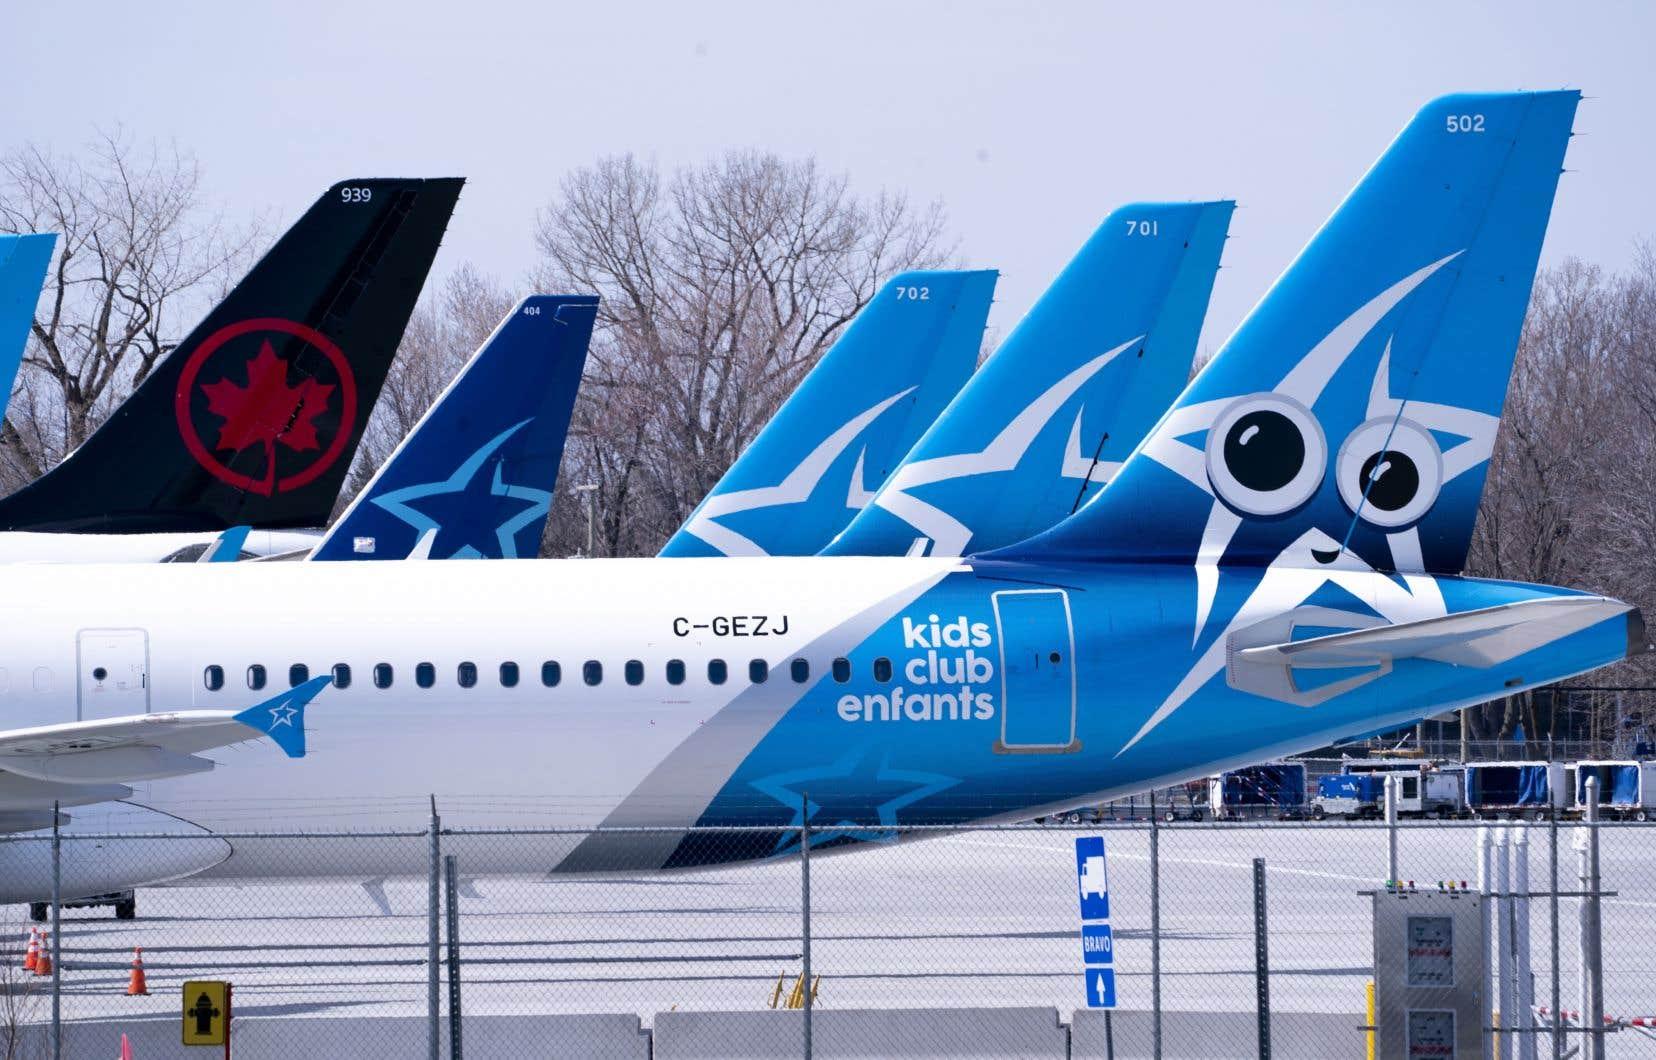 «Par l'engloutissement de Transat, [...] Air Canada concentrerait plus de 60% du marché, un seuil inacceptable dans quelque industrie que ce soit», affirme Pierre Karl Péladeau.